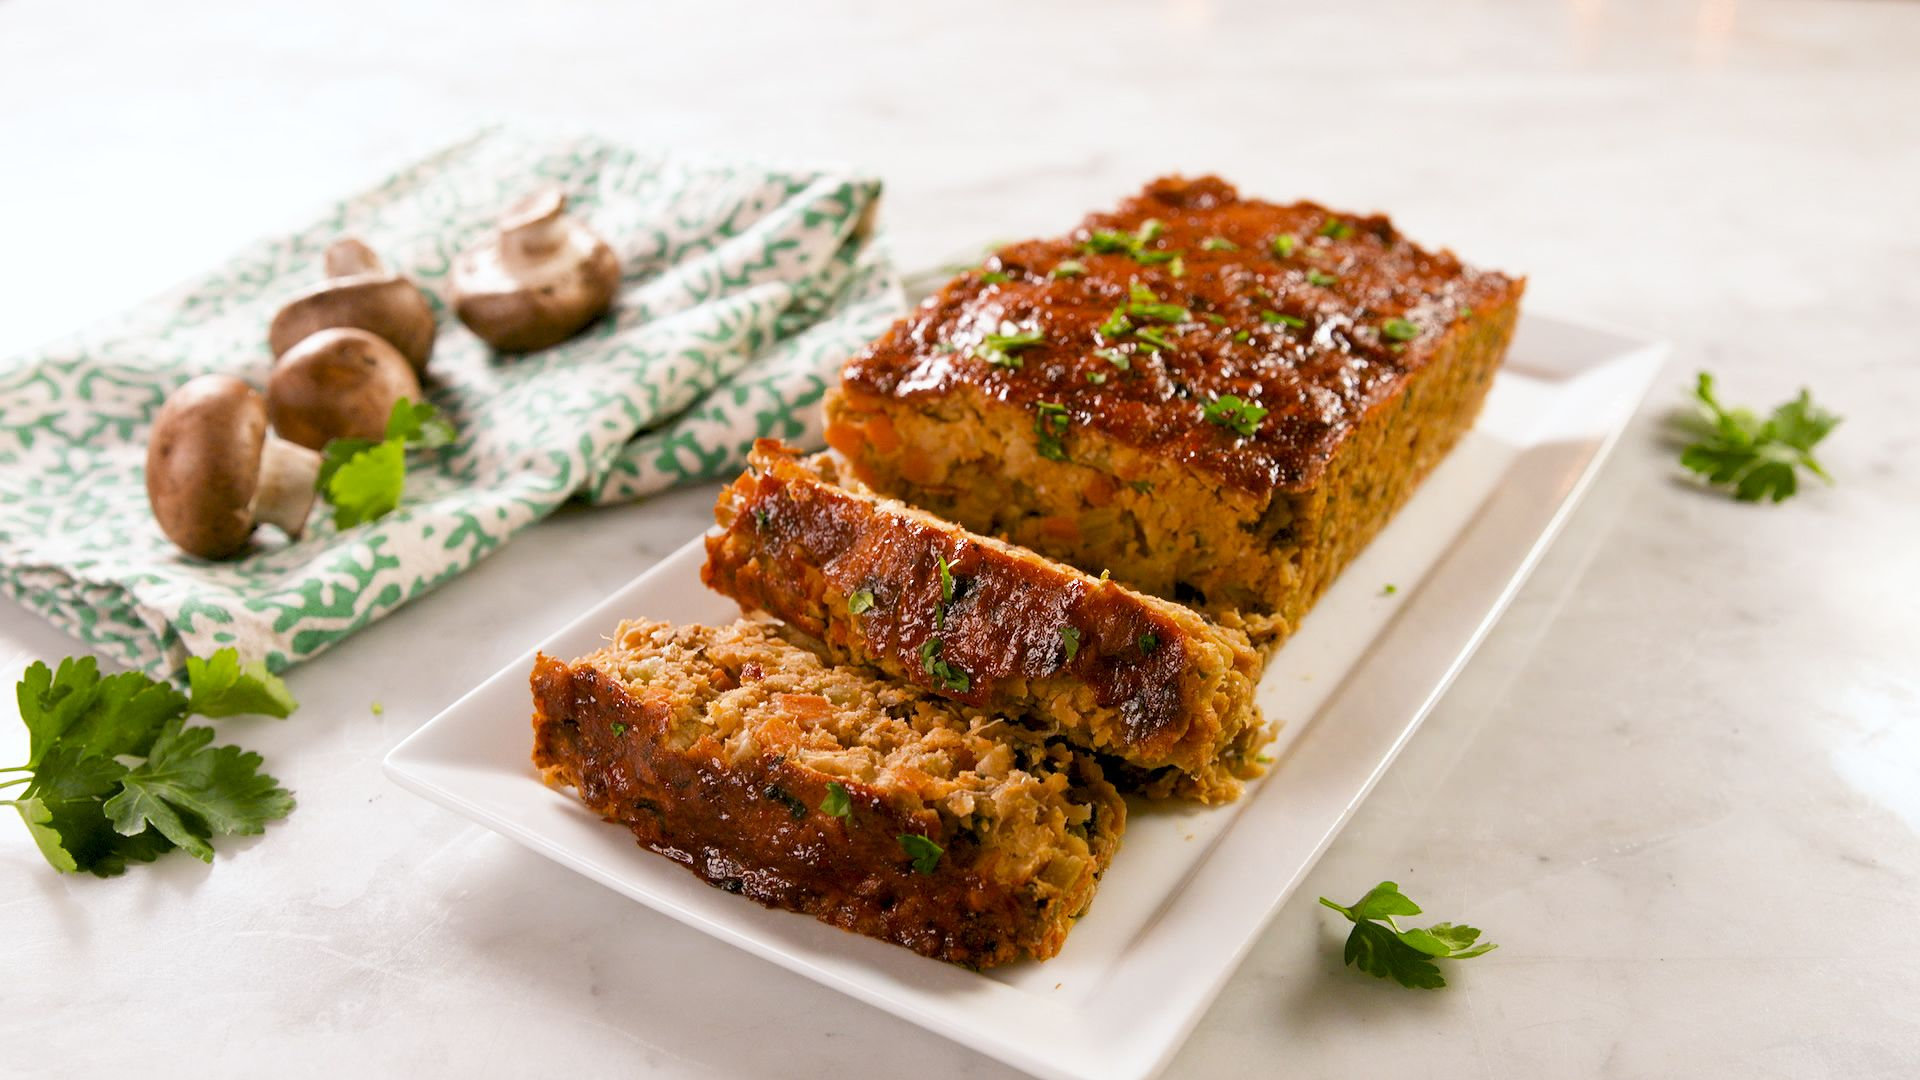 Best-Ever Vegan Meatloaf